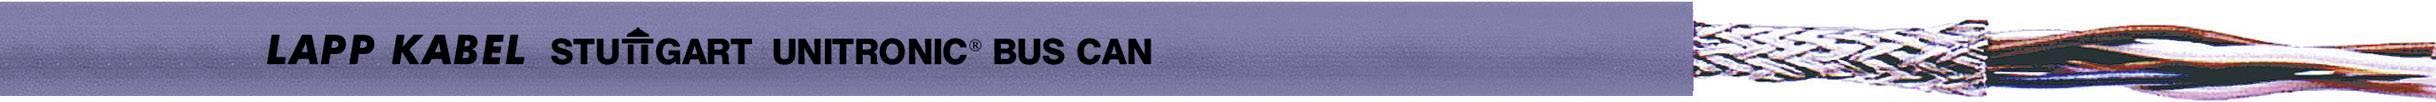 Zbernicový kábel LappKabel UNITRONIC® BUS 2170270, vnější Ø 11.50 mm, fialová, metrový tovar